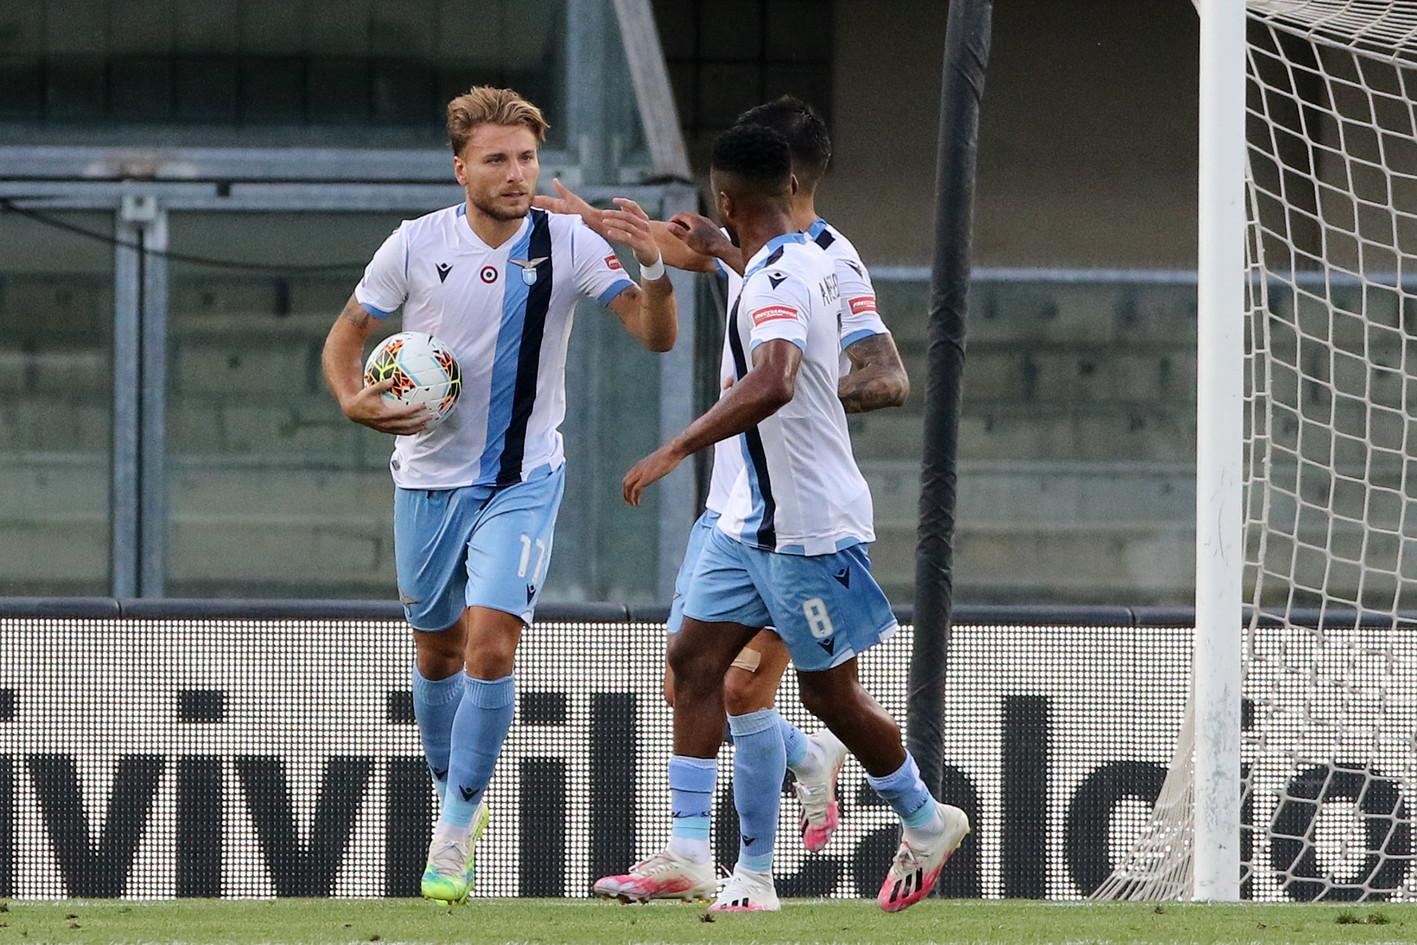 Le migliori immagini di Verona-Lazio 1-3.<br /><br />